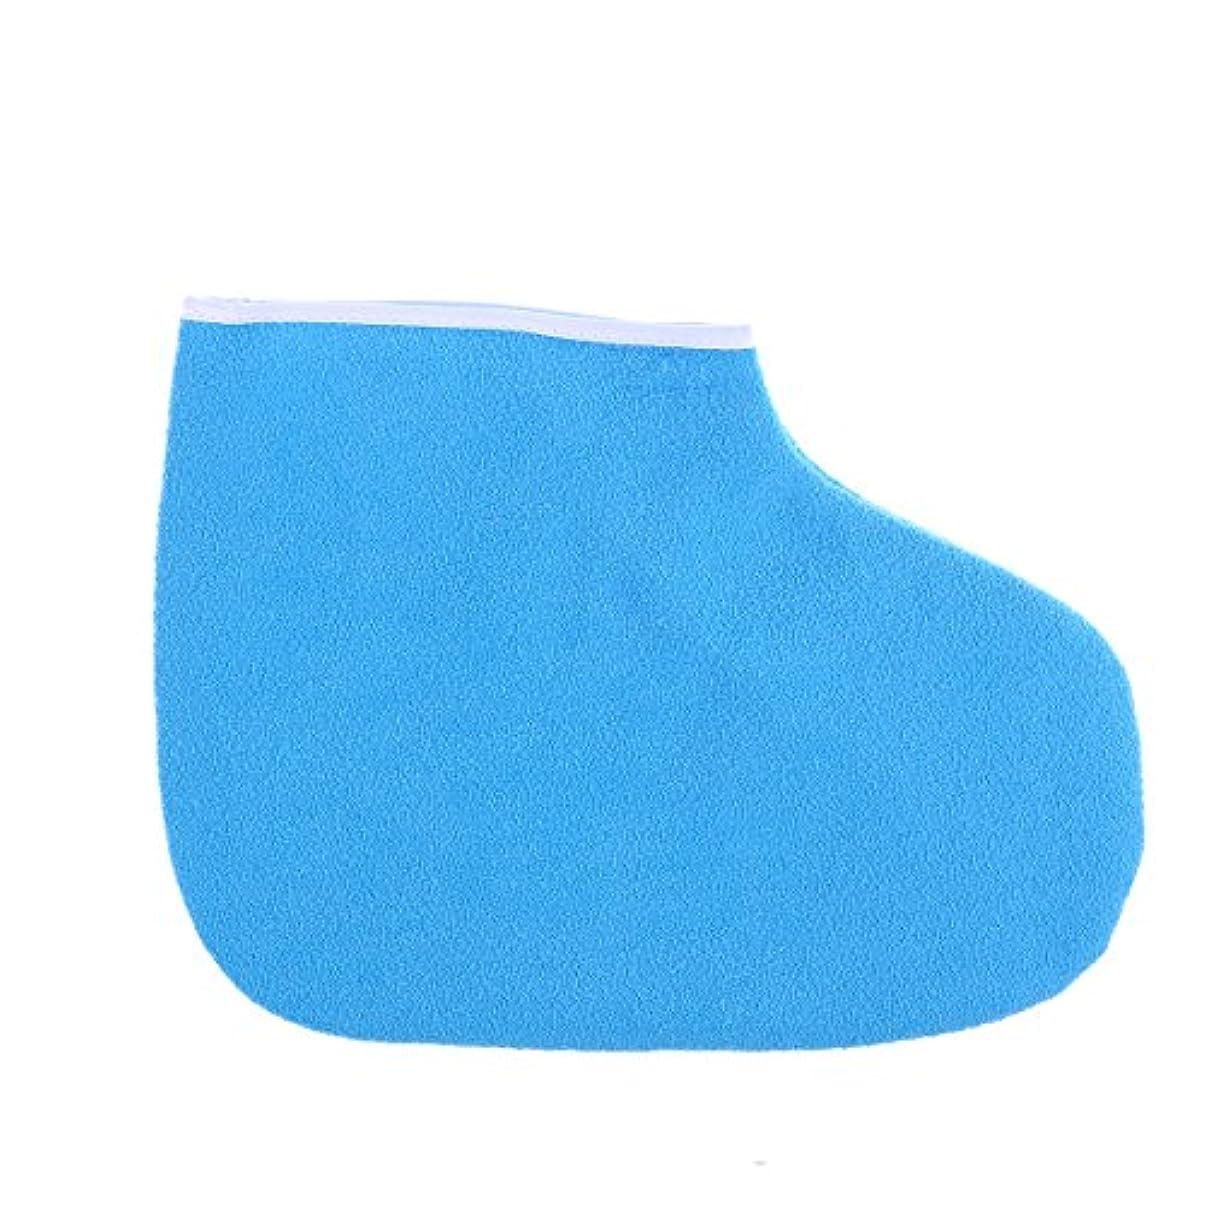 またね価値のないきらめくHEALLILY パラフィンブーティワックスバスフットスパカバー温熱療法絶縁ソフトコットン保湿フットストラップ(ブルー)